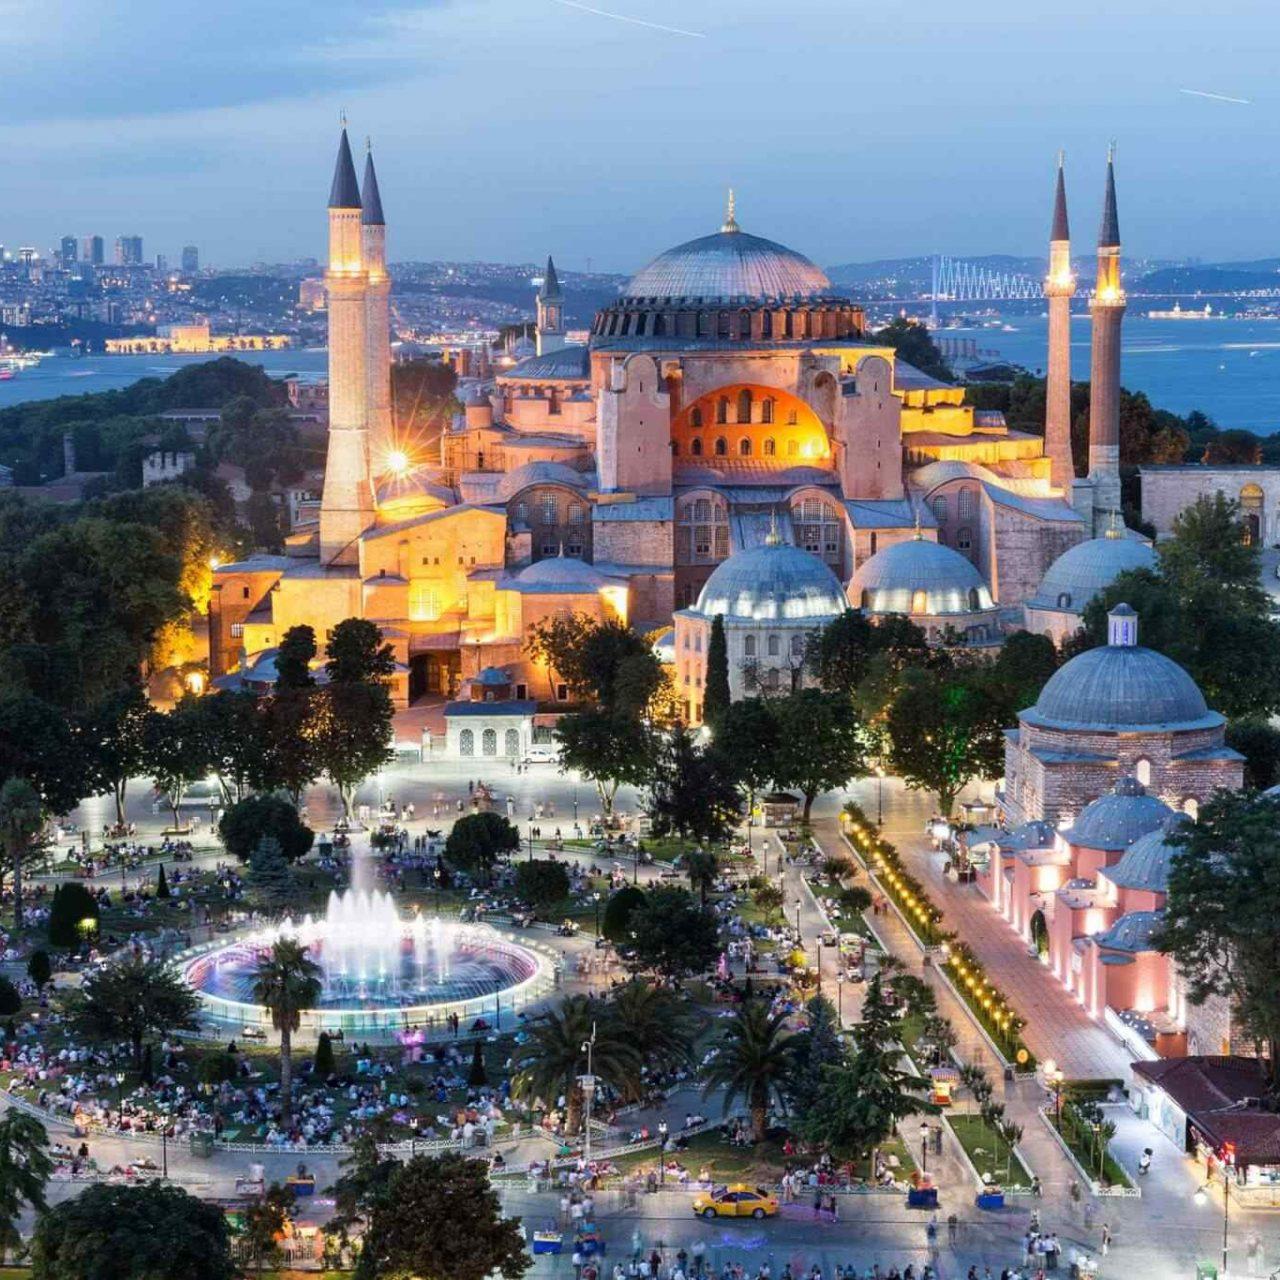 https://avioexpress.ba/wp-content/uploads/2018/09/destination-istanbul-02-1280x1280.jpg